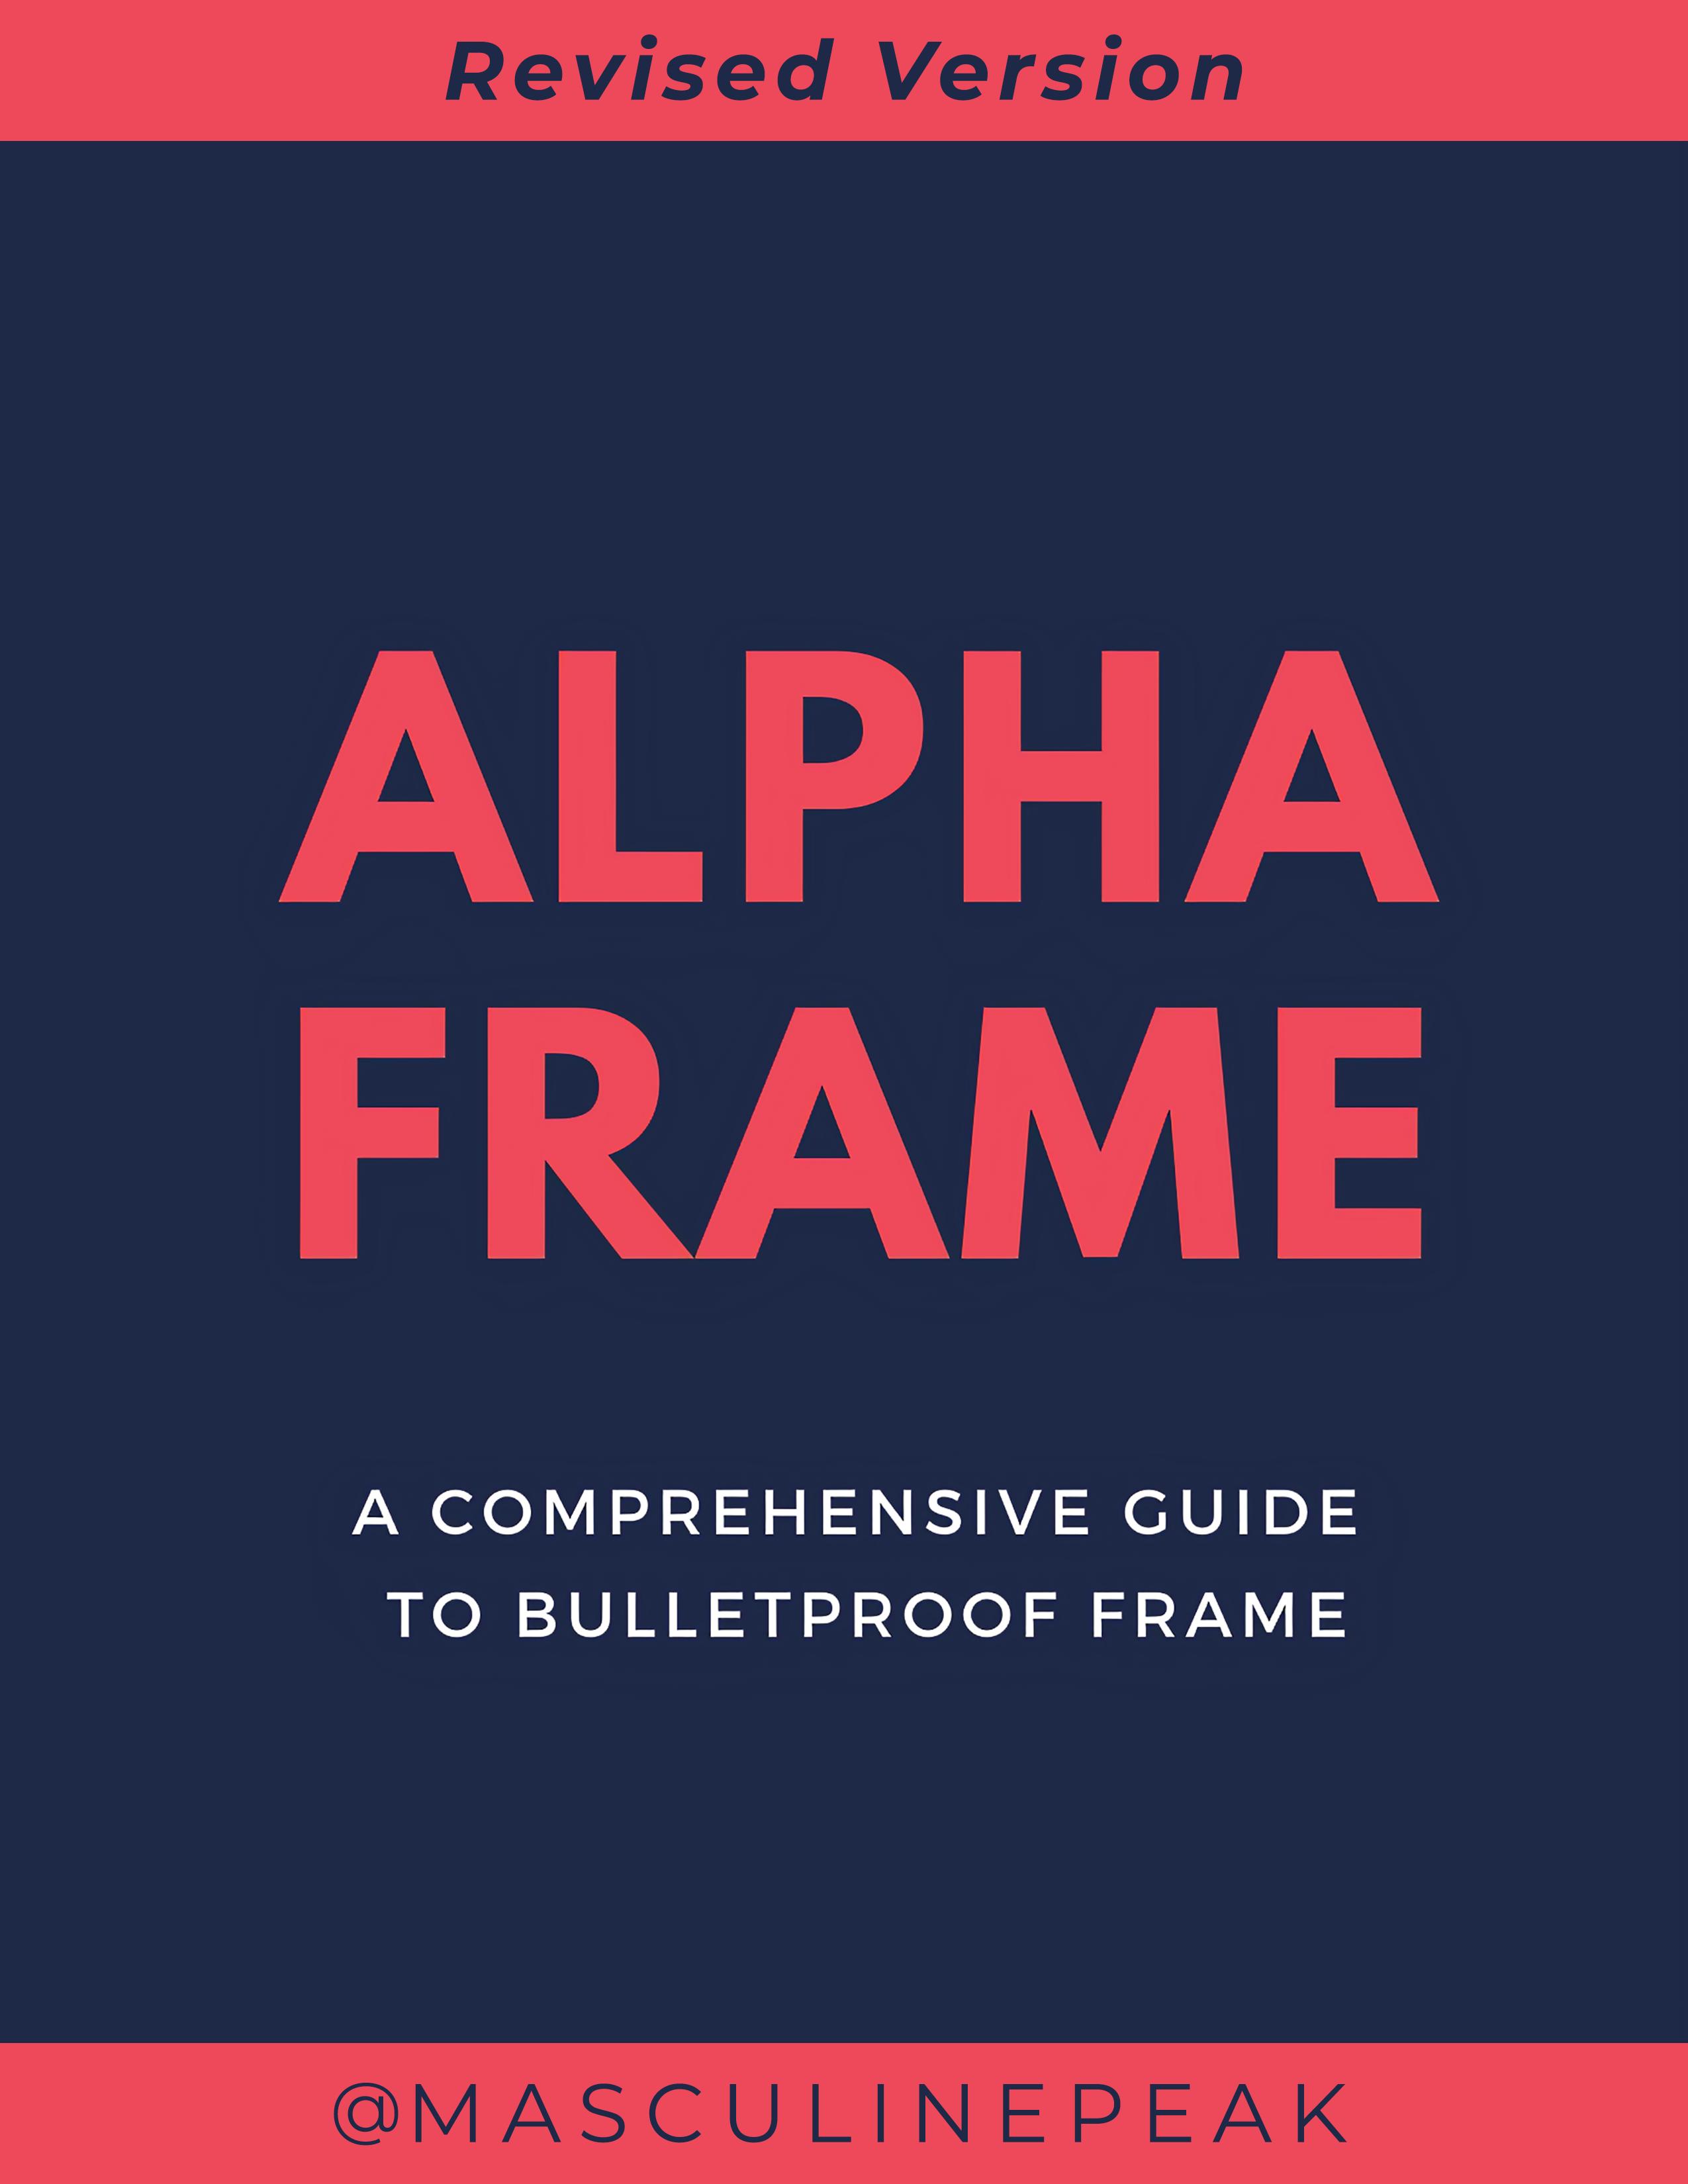 Masculine Peak – ALPHA FRAME - Comprehensive Guide to Bulletproof Frame (Revised Version)